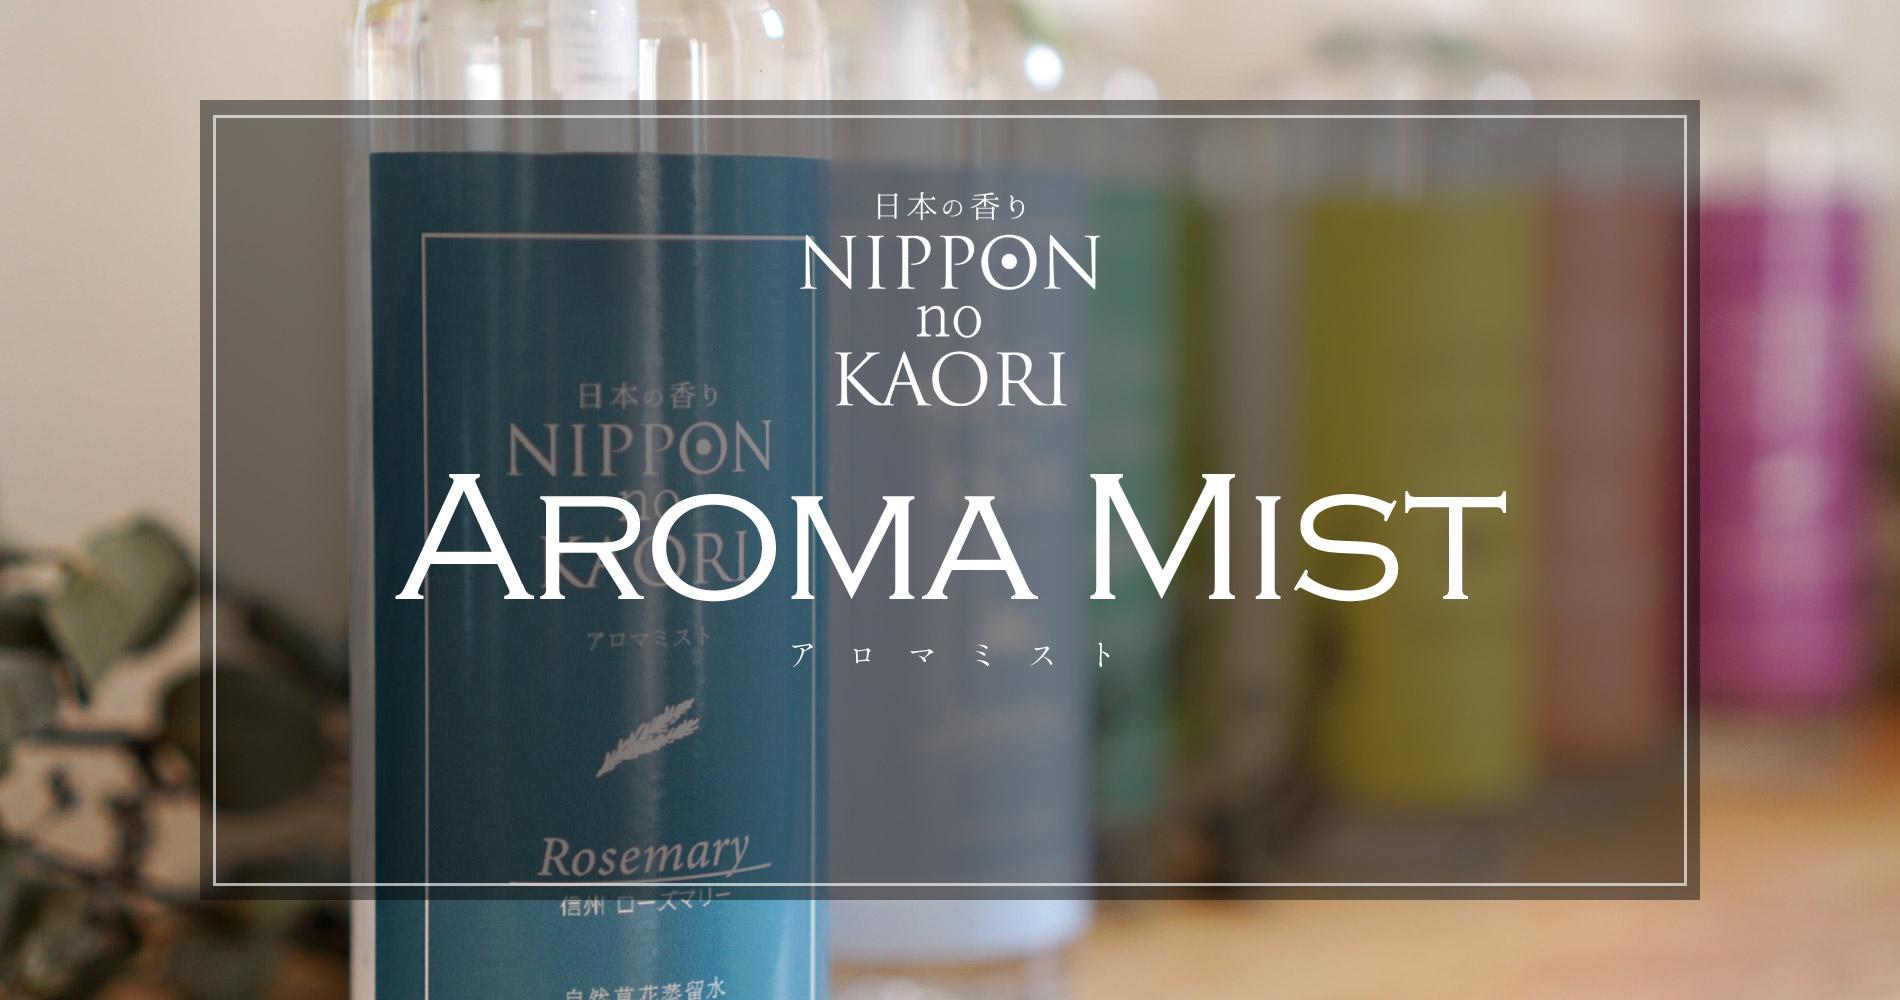 日本の香りシリーズ「アロマミスト(植物蒸留水)」タイトル画像